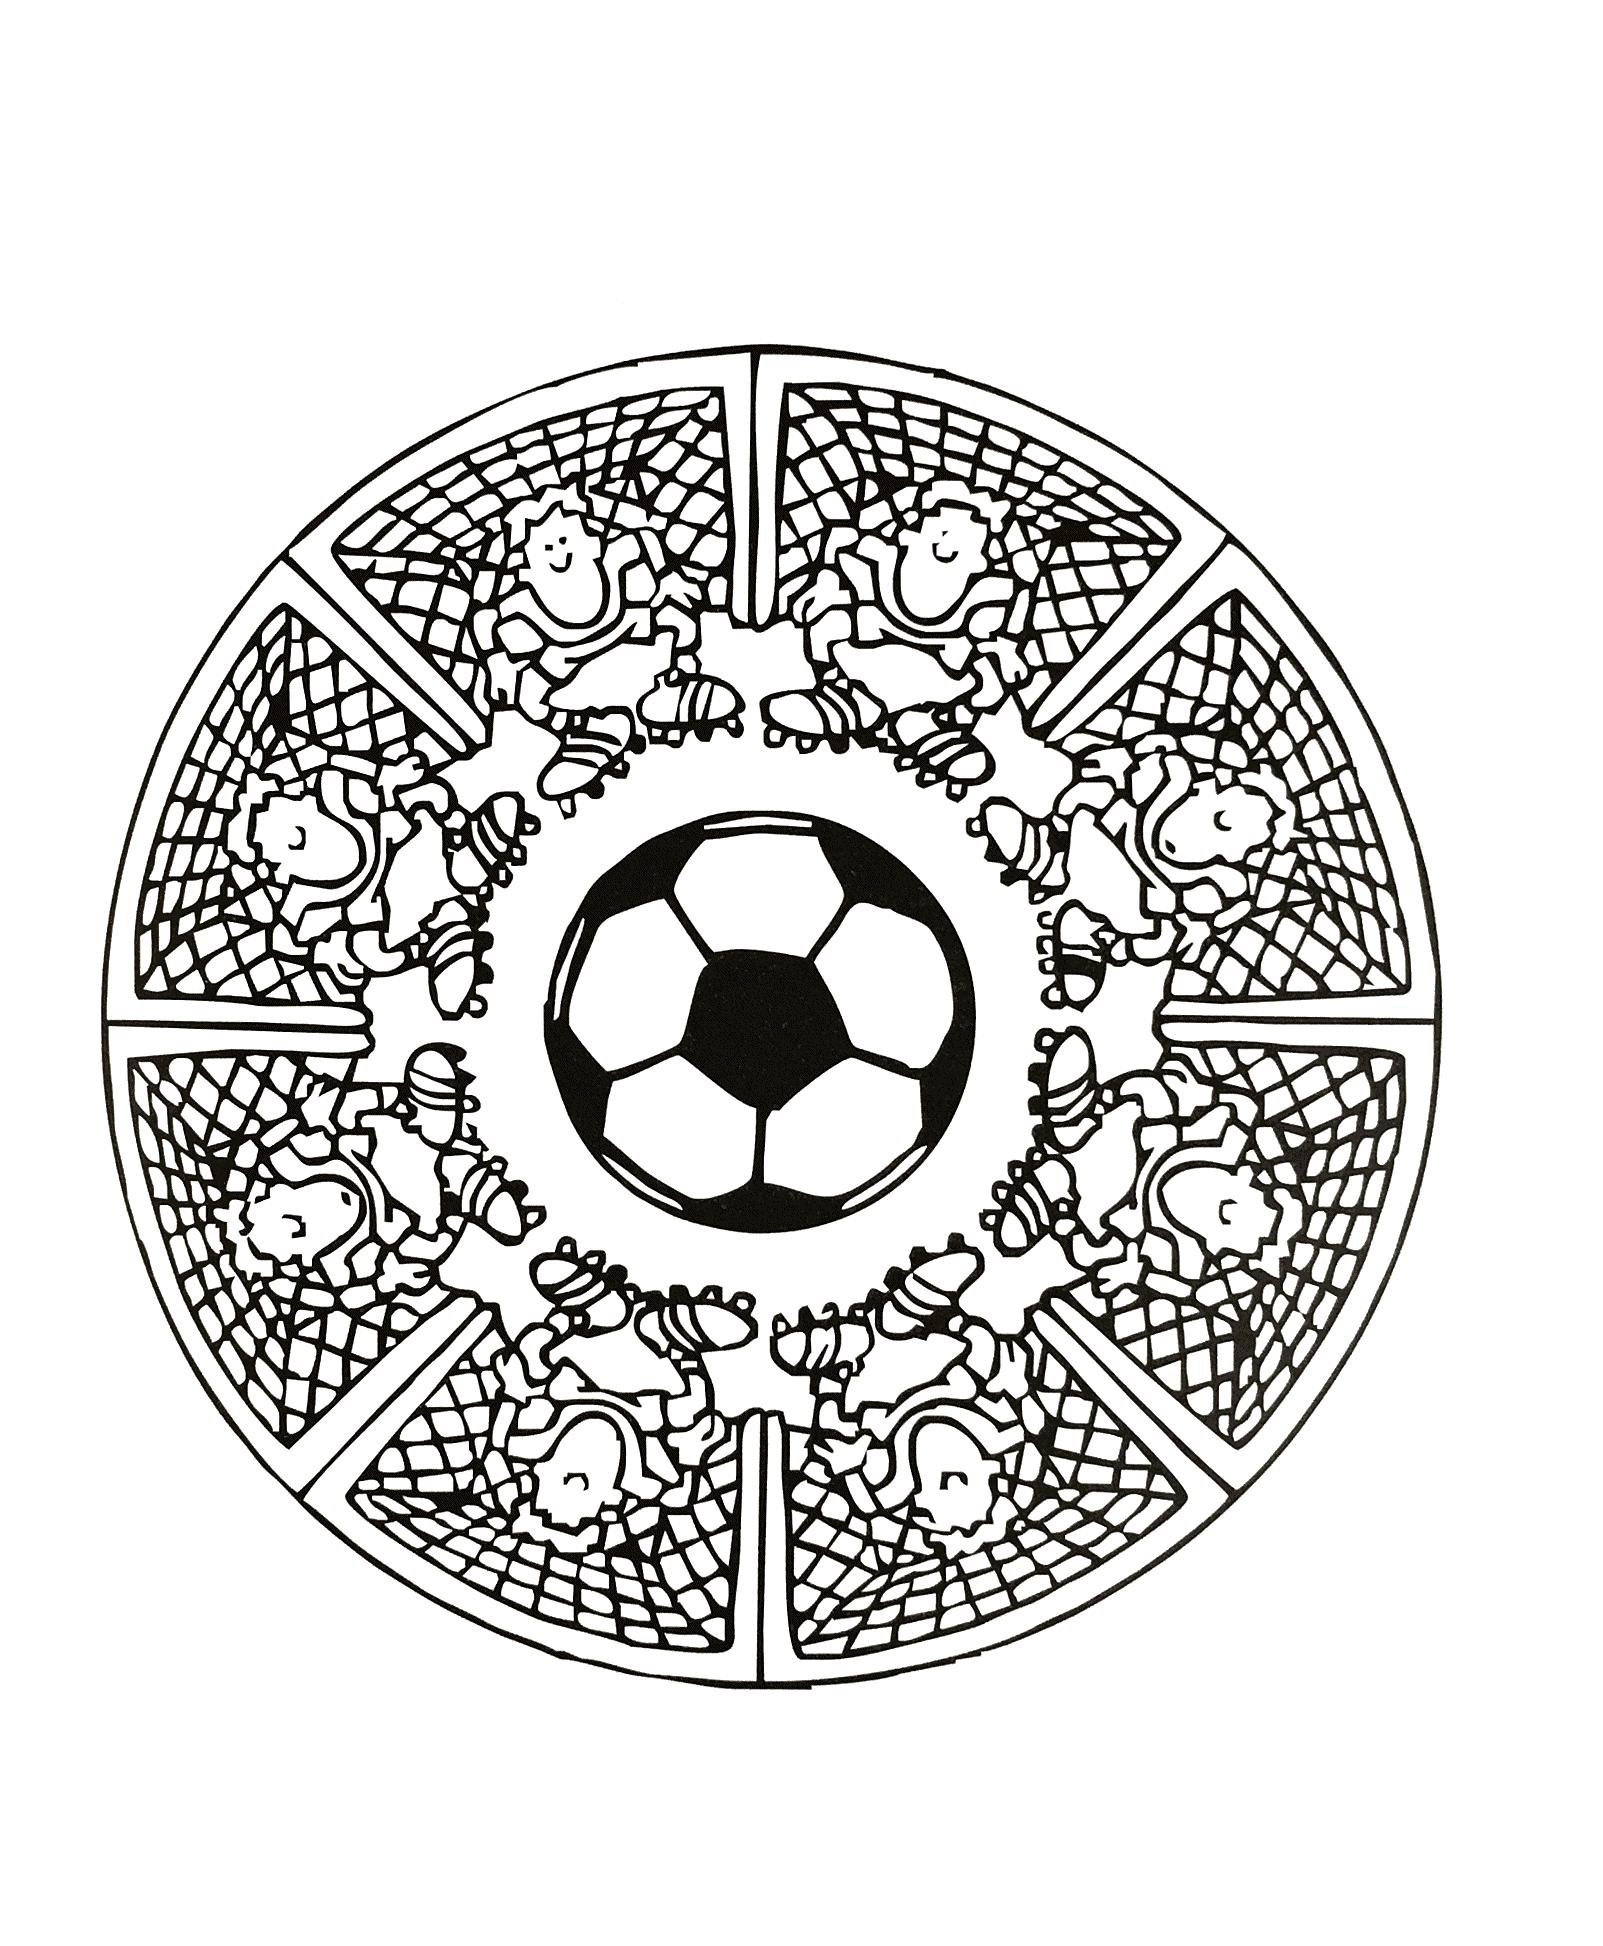 Free Mandalas page «mandalas-foot». Football Mandala coloring page ...